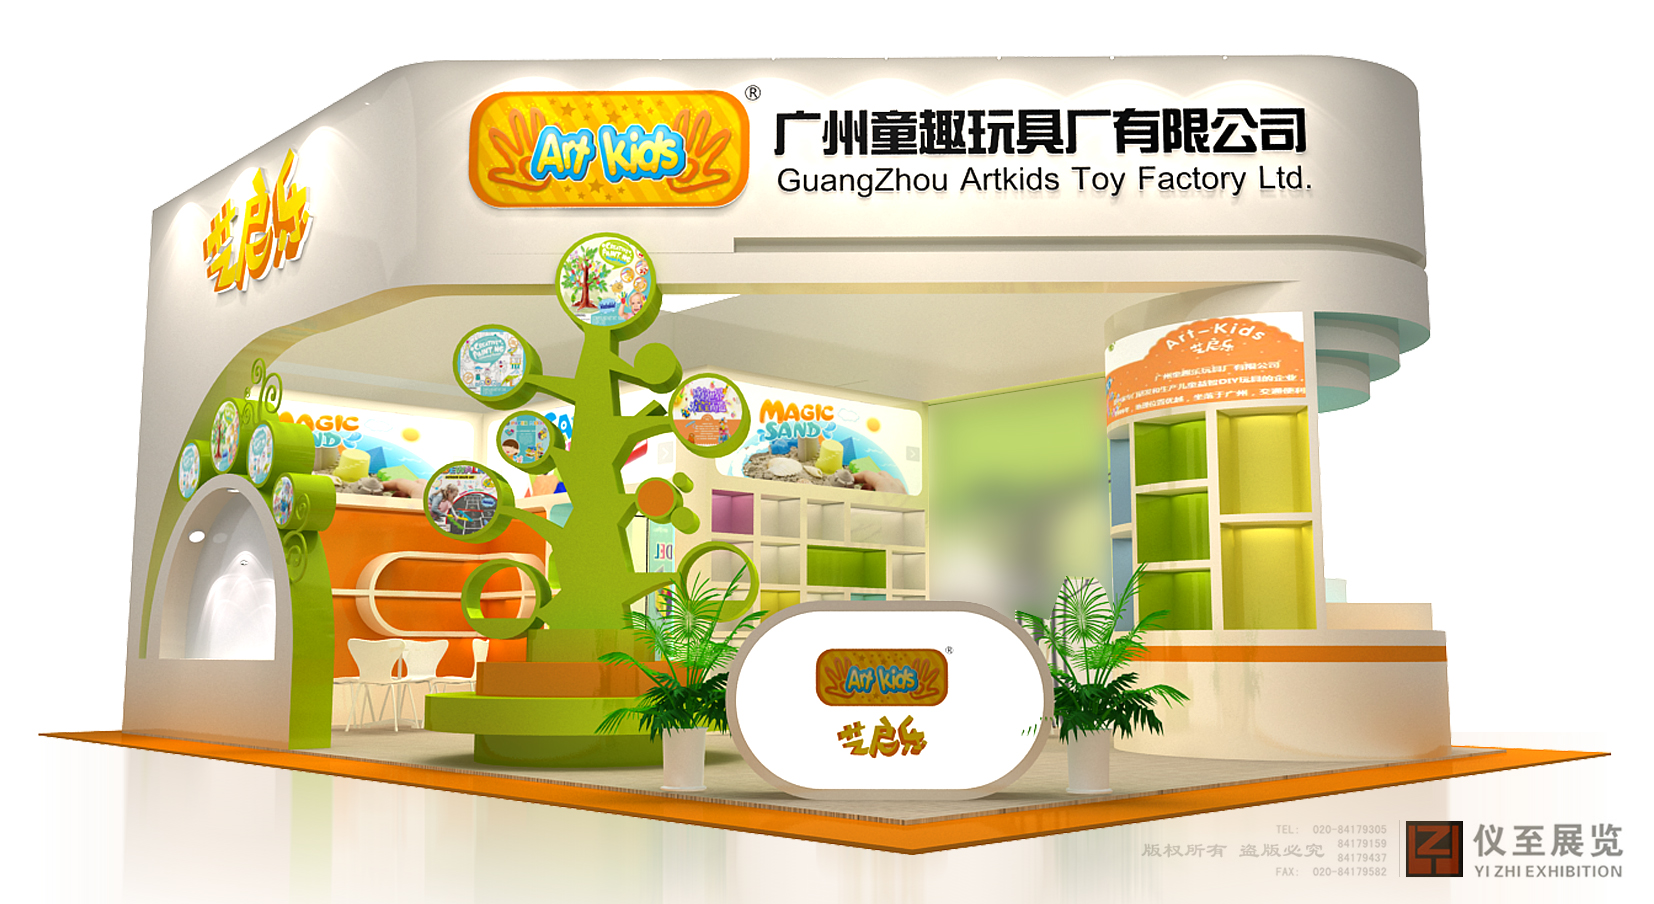 童趣乐--玩具展特装布置